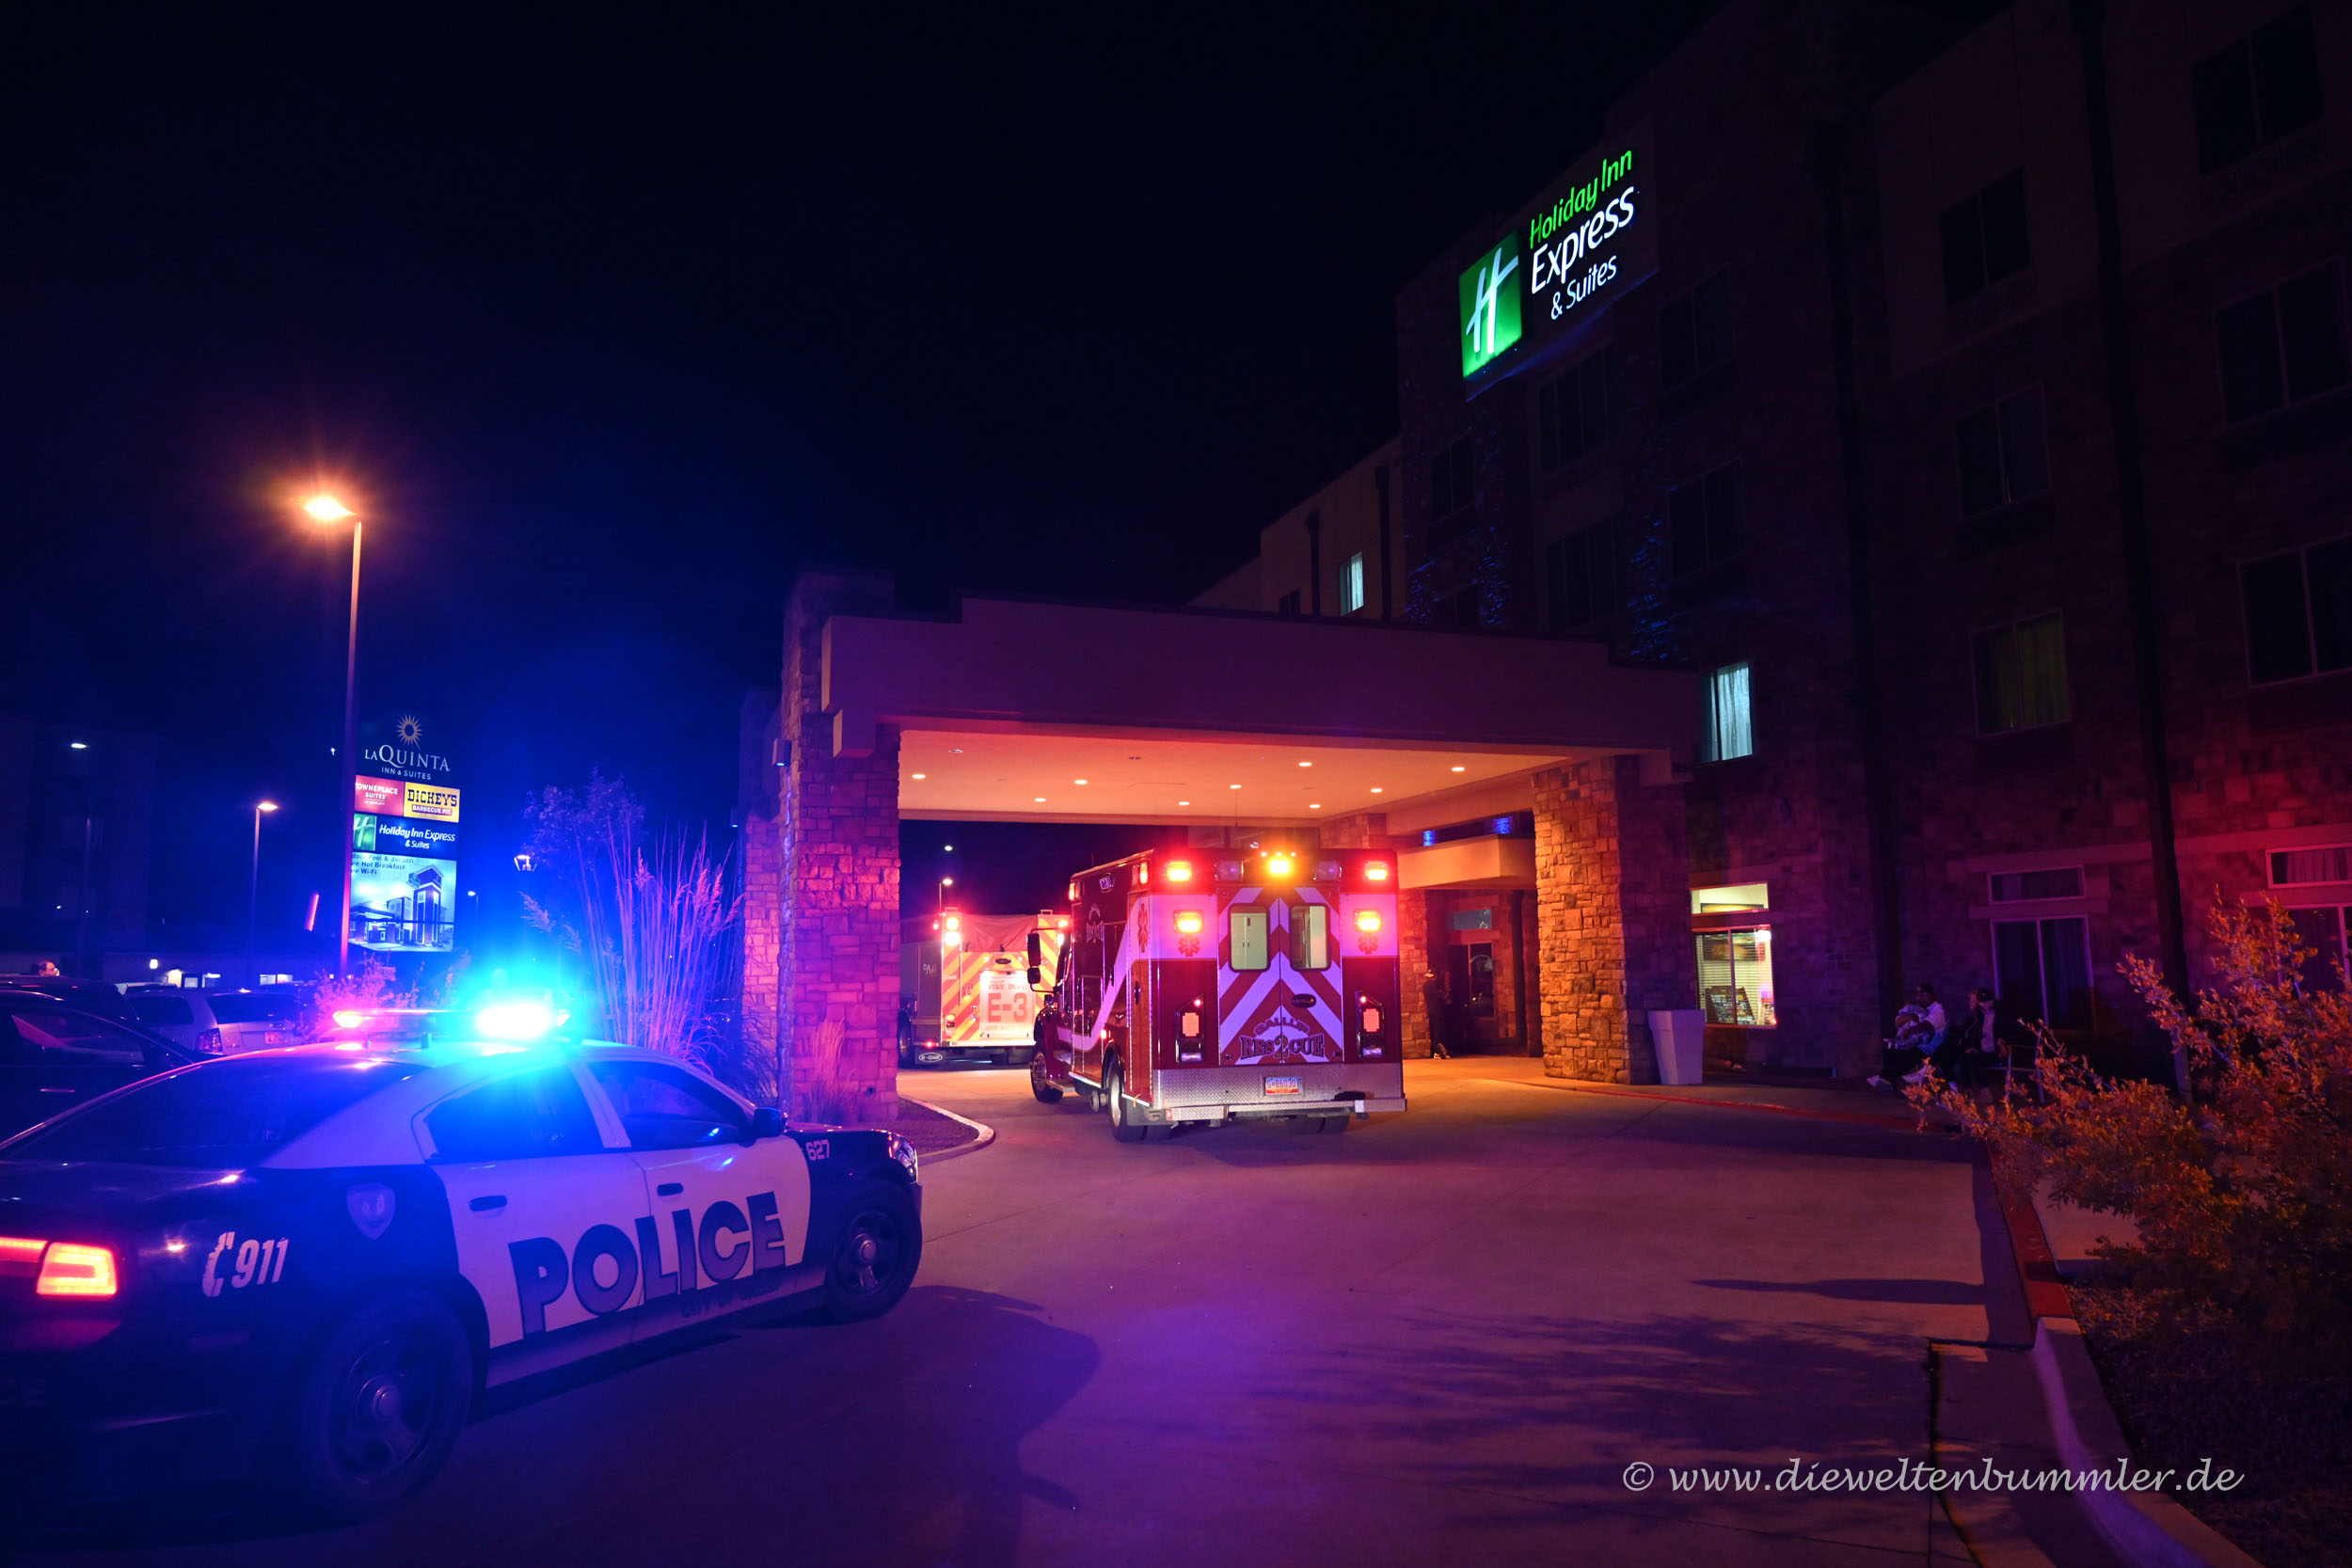 Polizei und Feuerwehr im Einsatz